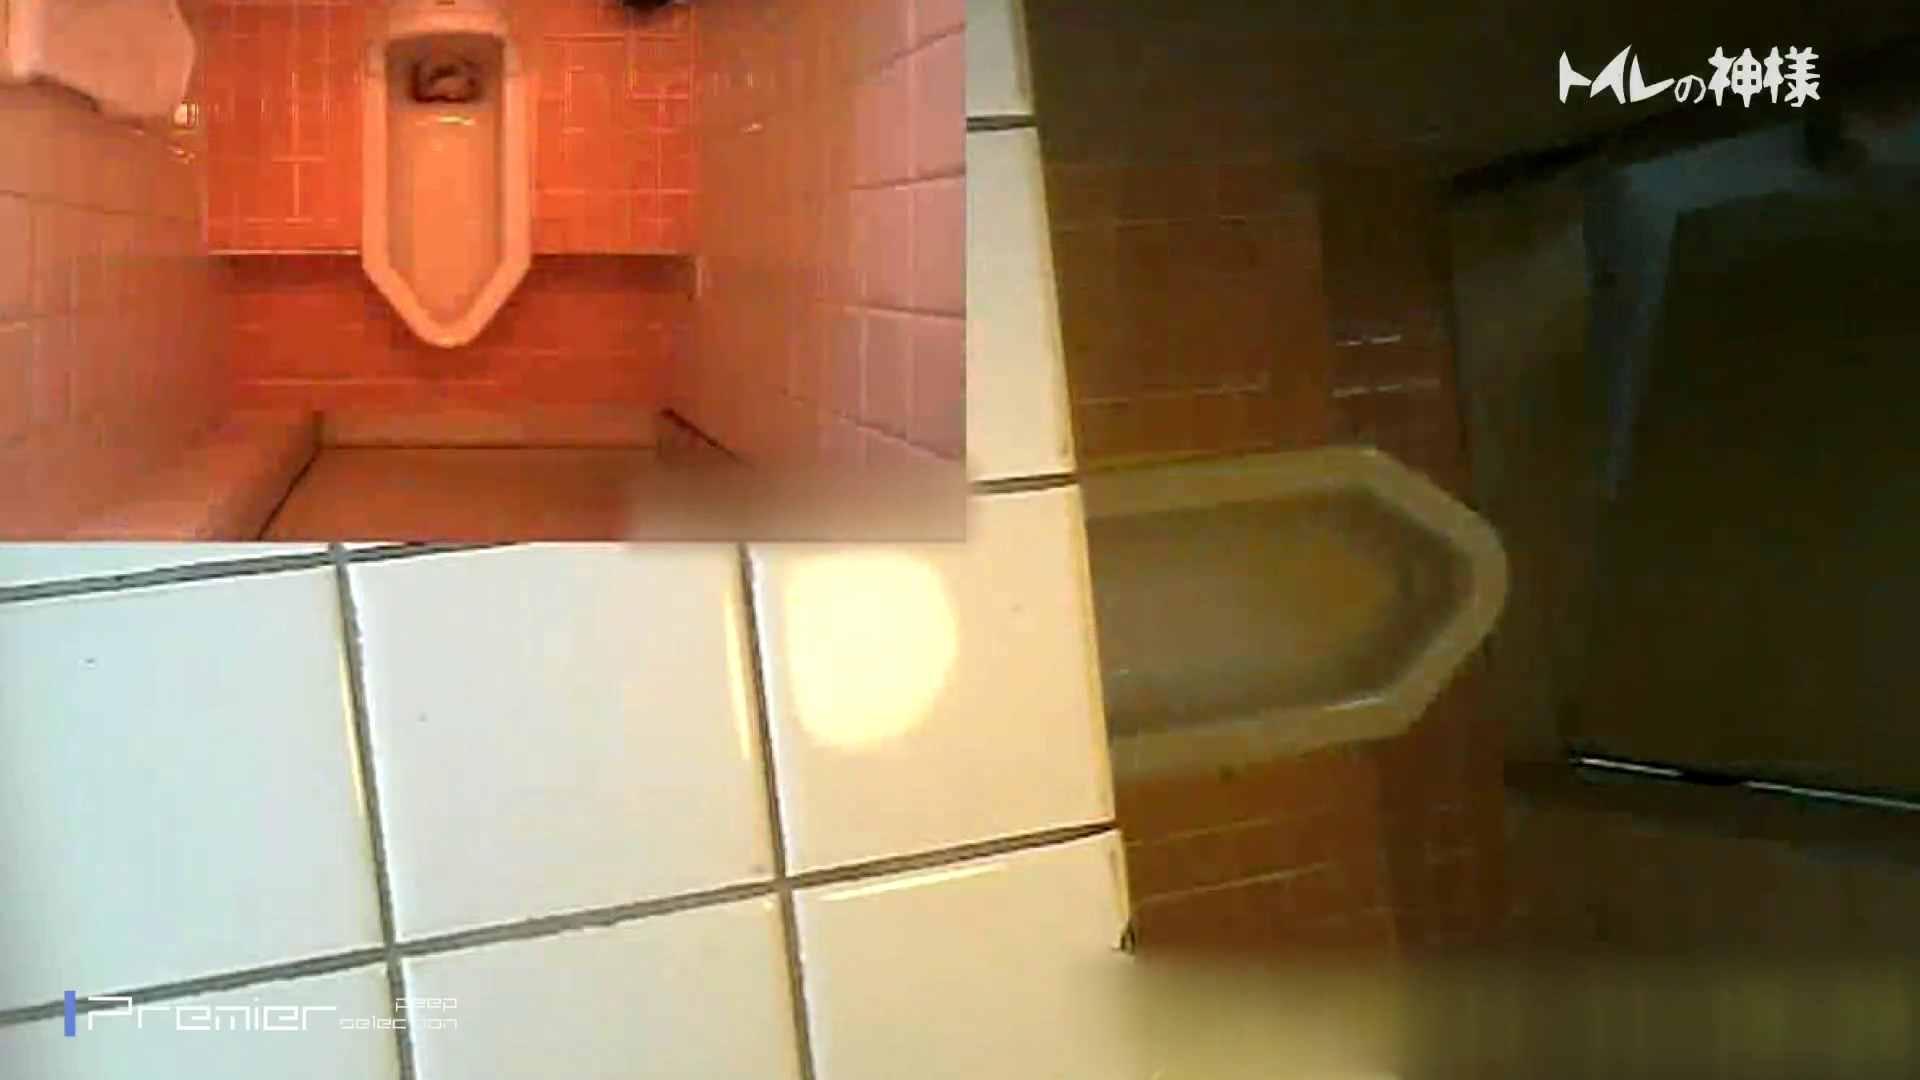 kyouko排泄 うんこをたくさん集めました。トイレの神様 Vol.14 排泄  19連発 4